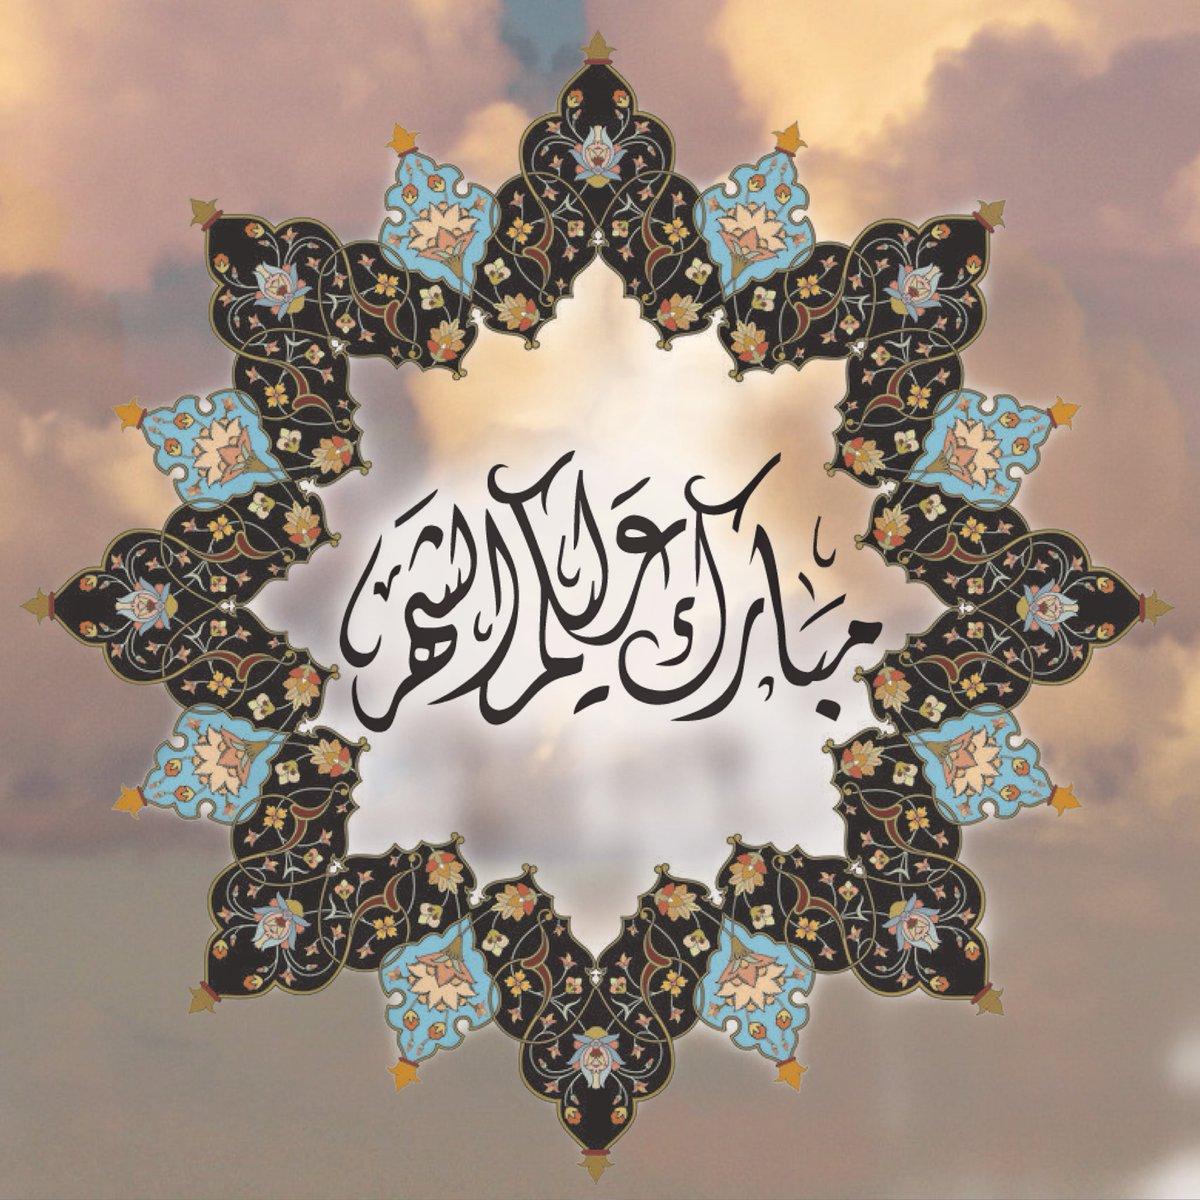 خاص بملحقات التصميم على تويتر مبارك عليكم الشهر رمضان هلال رمضان Islamic Pic Islamic Pic2 خلفيات تصاميم رمزيات صور بطاقات سكرابز تصاميم دعوية تصميمي Https T Co Bvwqdoibby